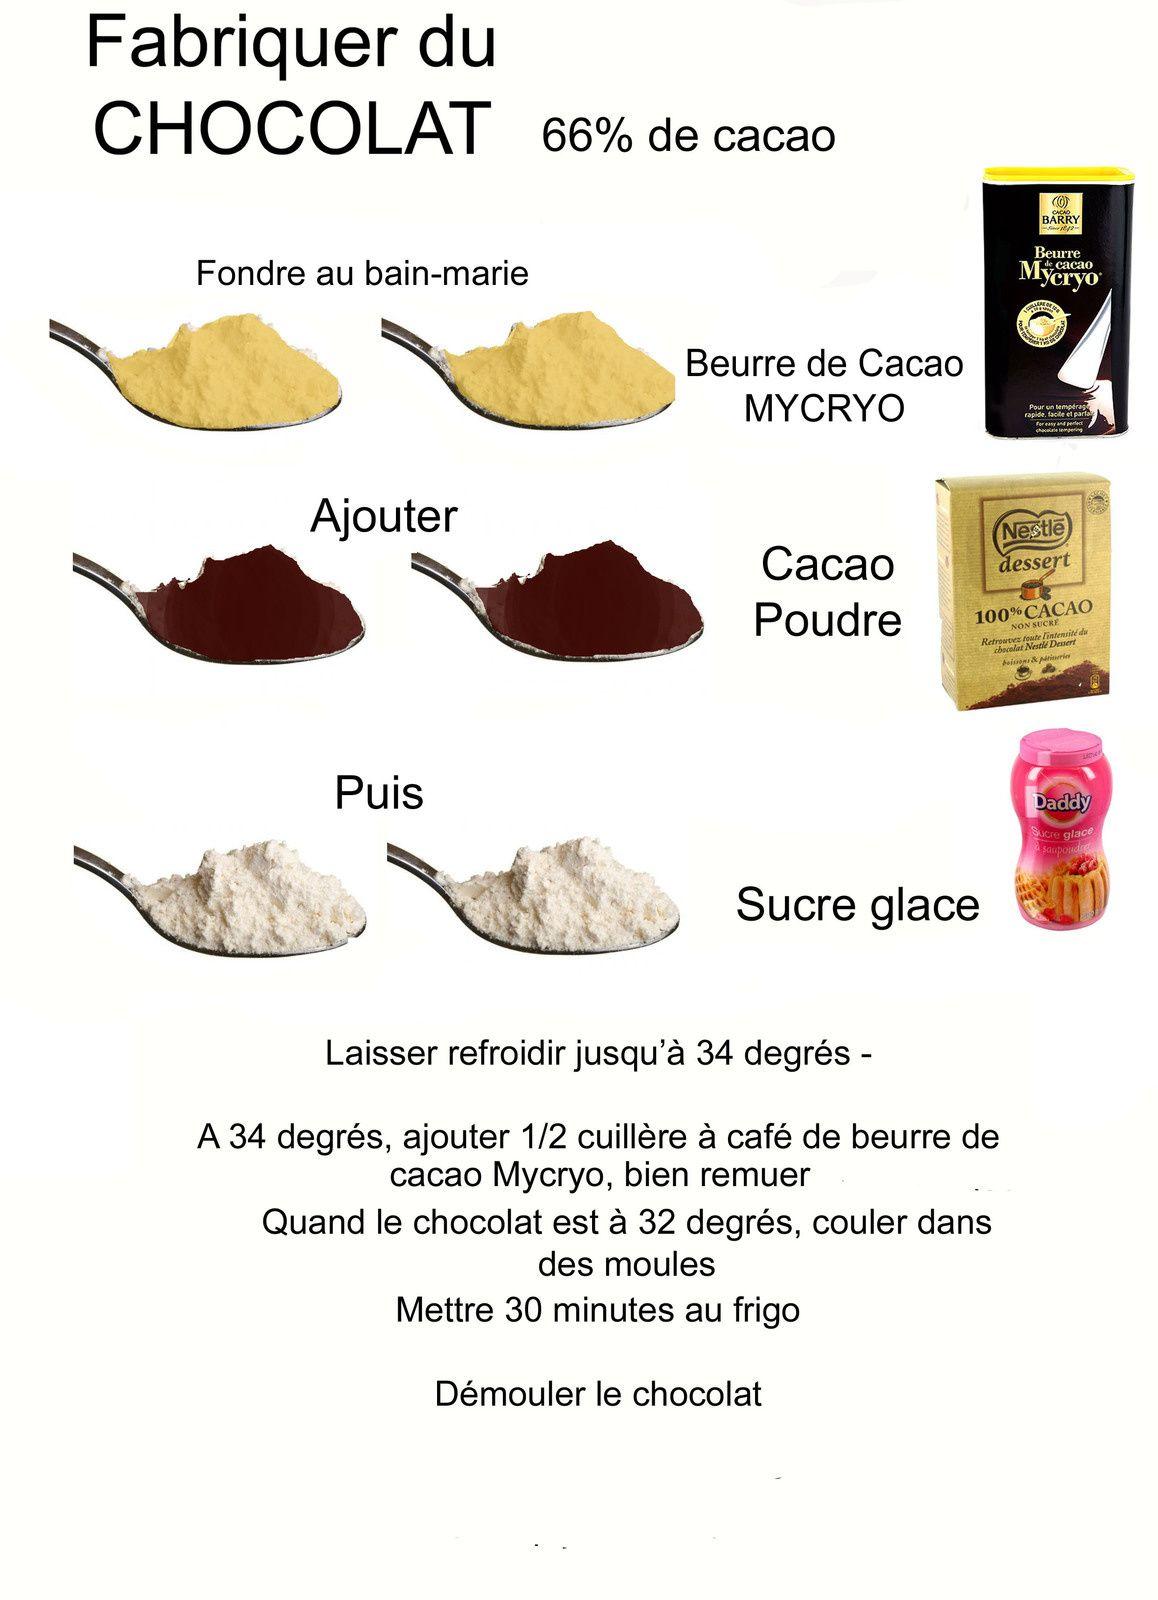 Fiche technique d 39 un exemple de fabrication de chocolat 66 de cacao bien entendu tous les - Faire du caramel maison ...